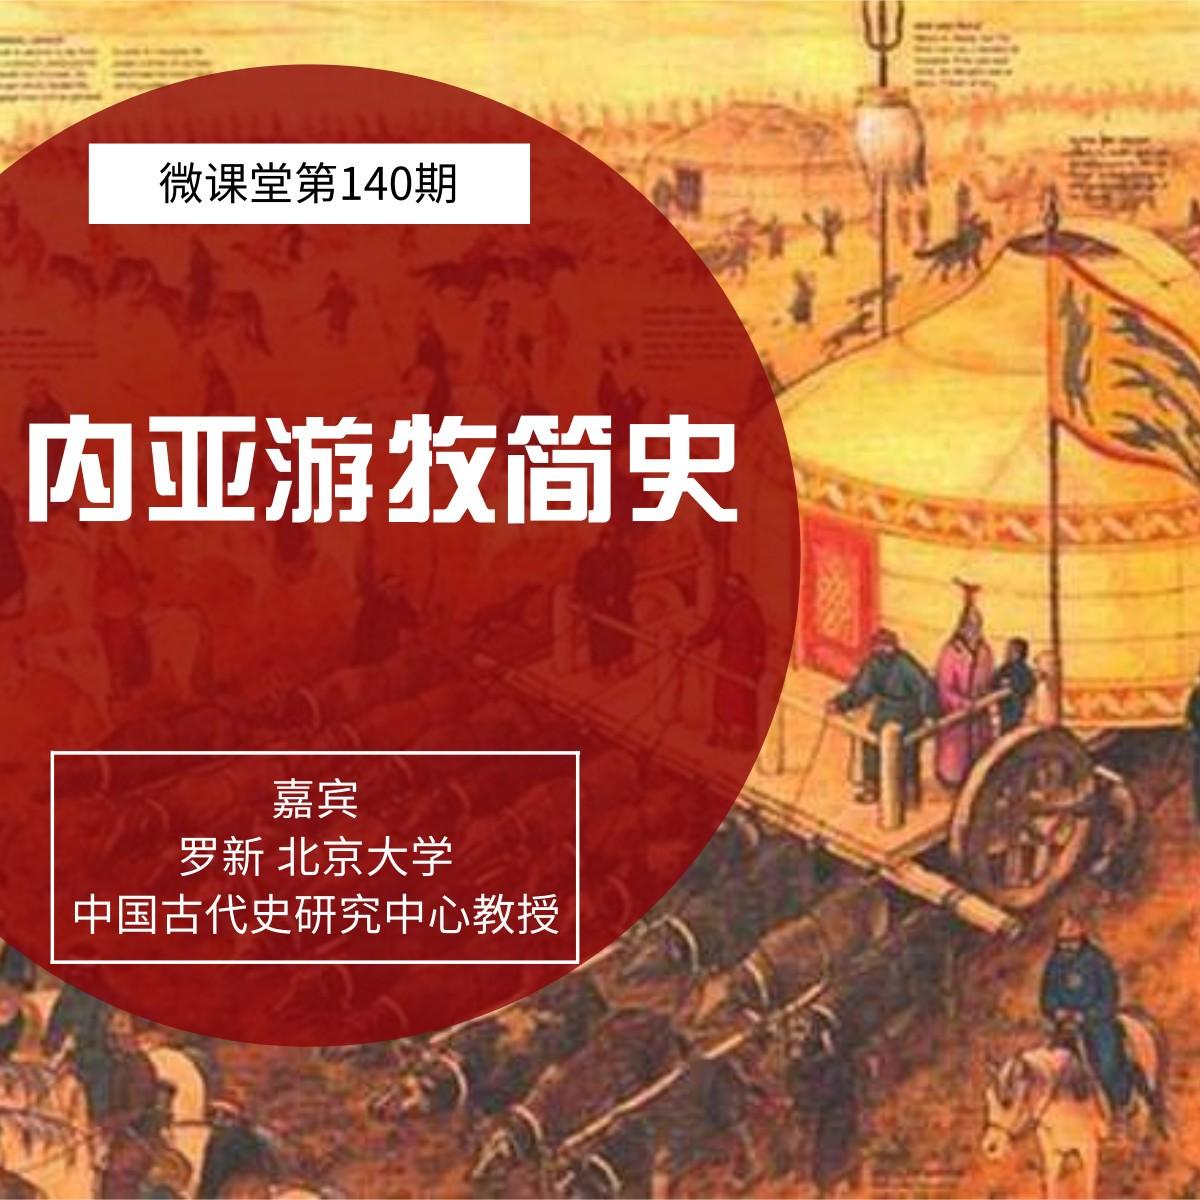 重磅直播   北大历史系罗新:内亚游牧人群如何参与中国历史